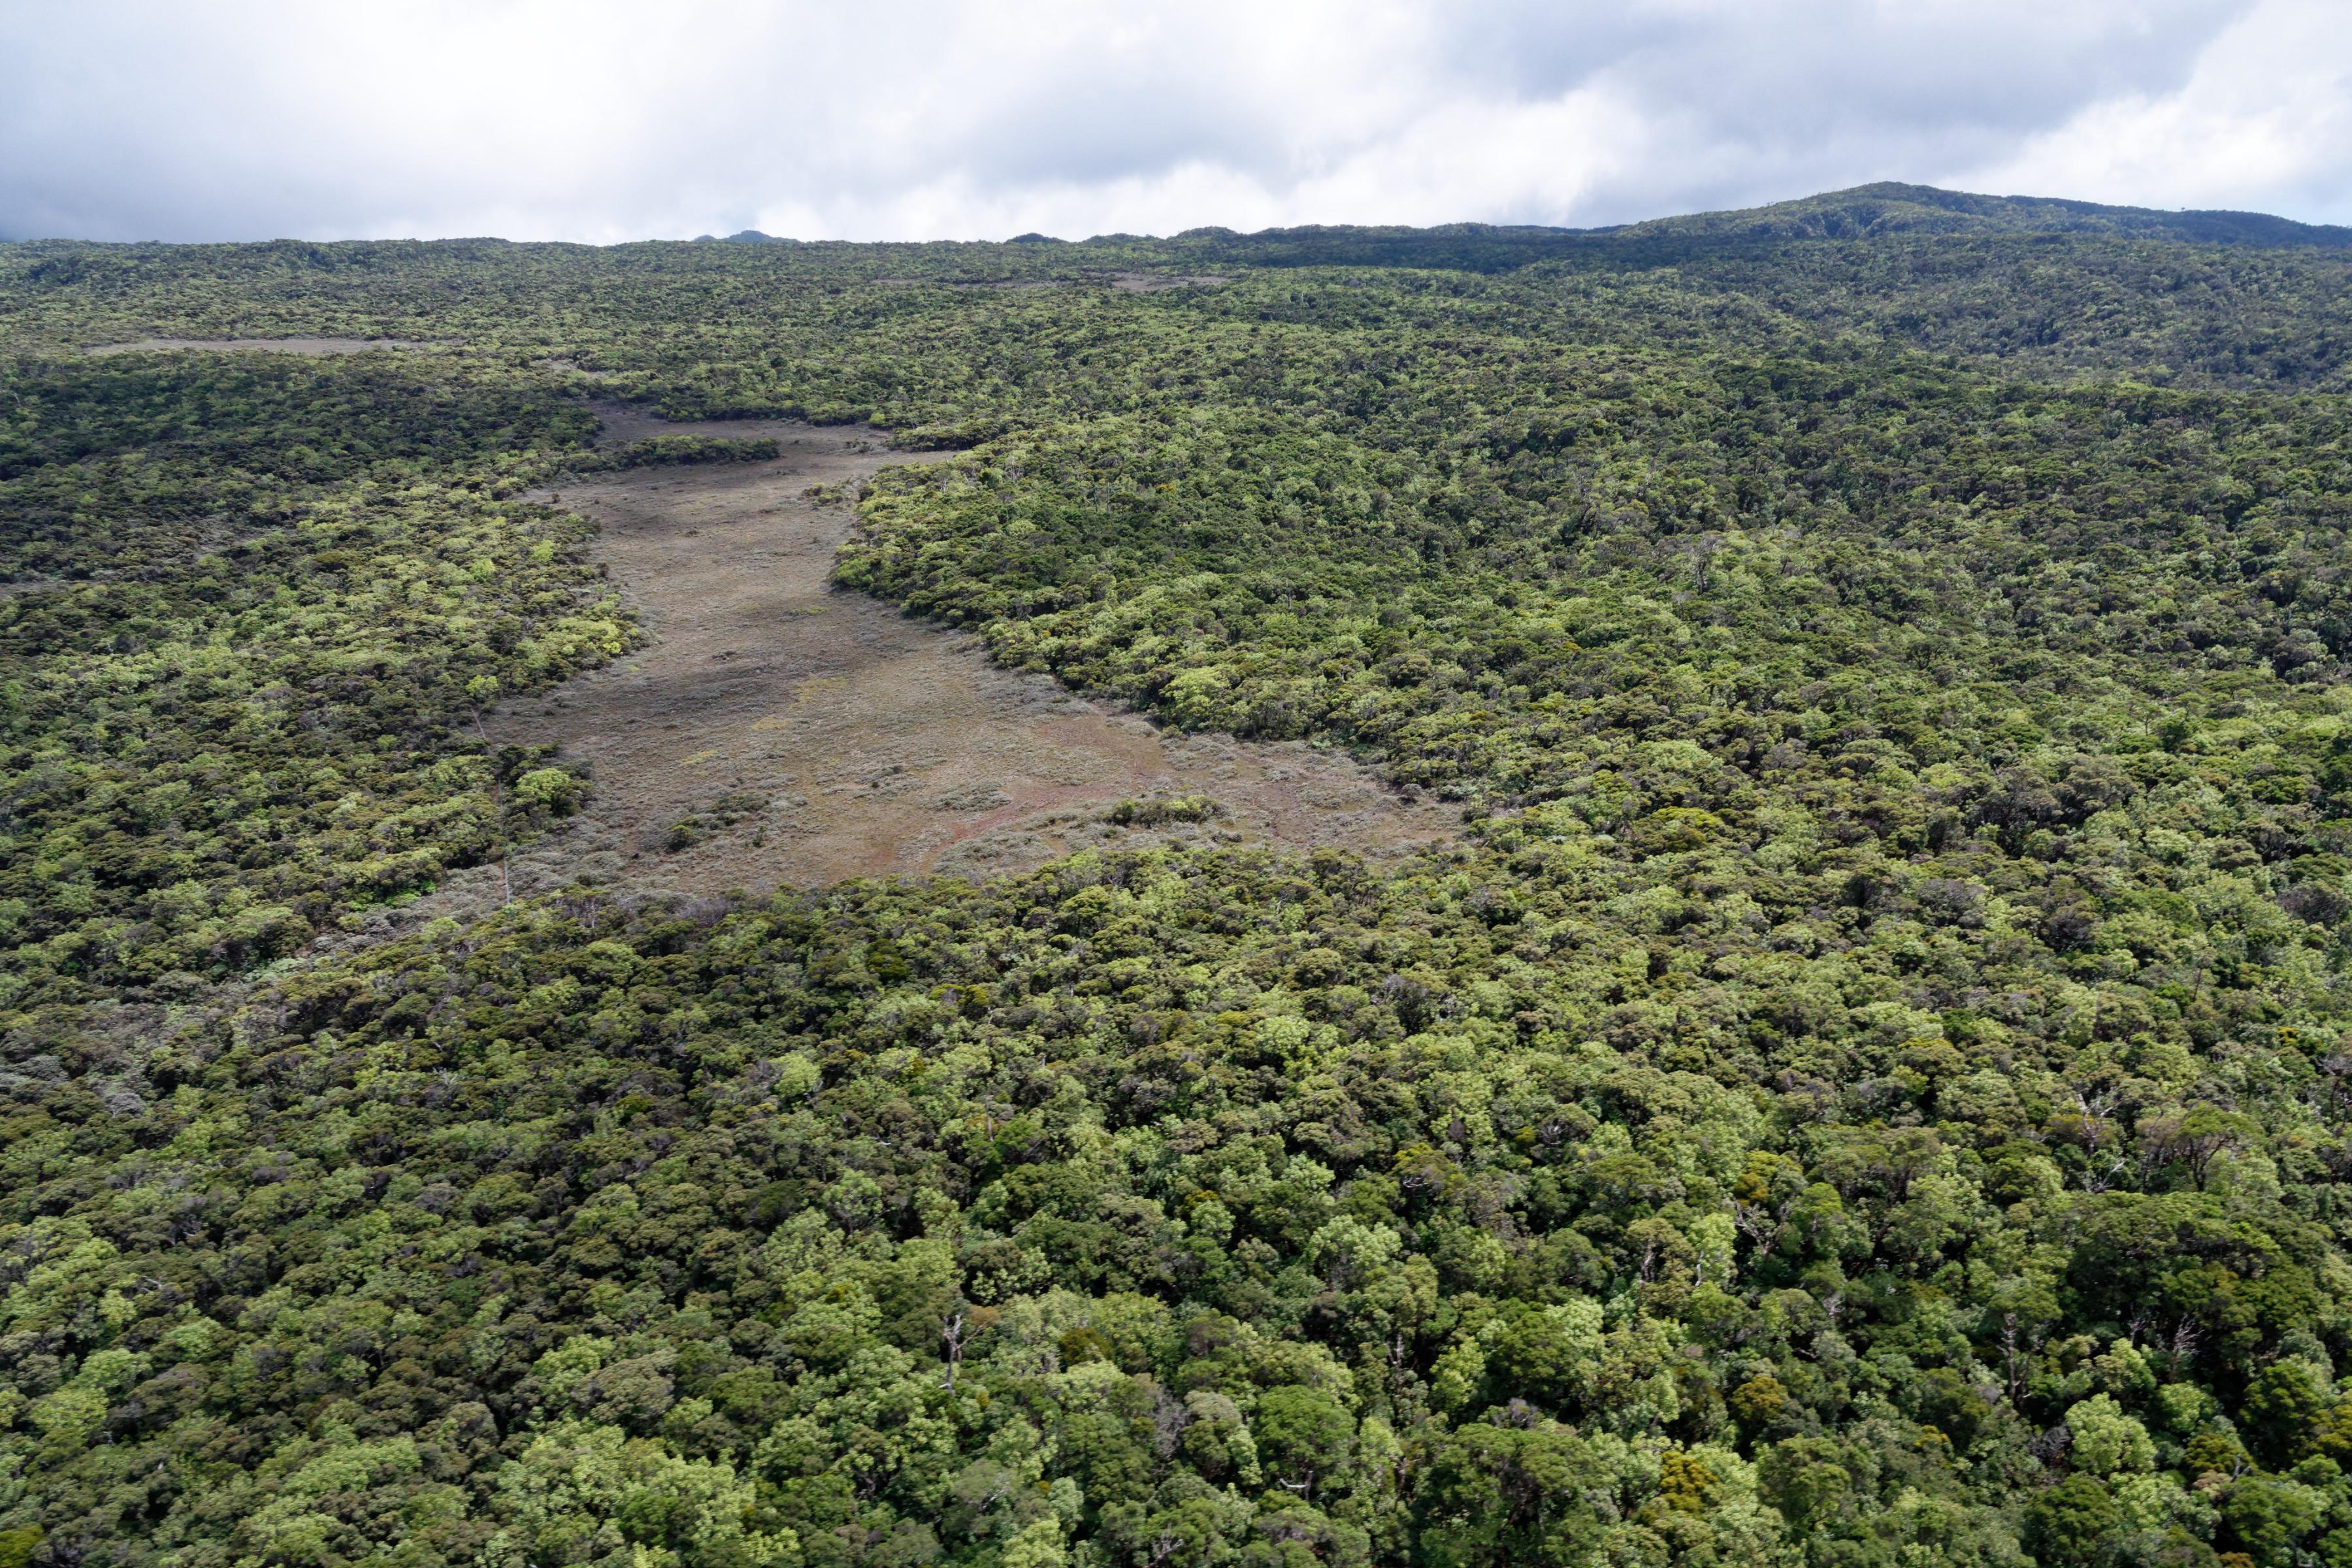 Alakai swamp, le marécage sur les hauteurs de Kauai